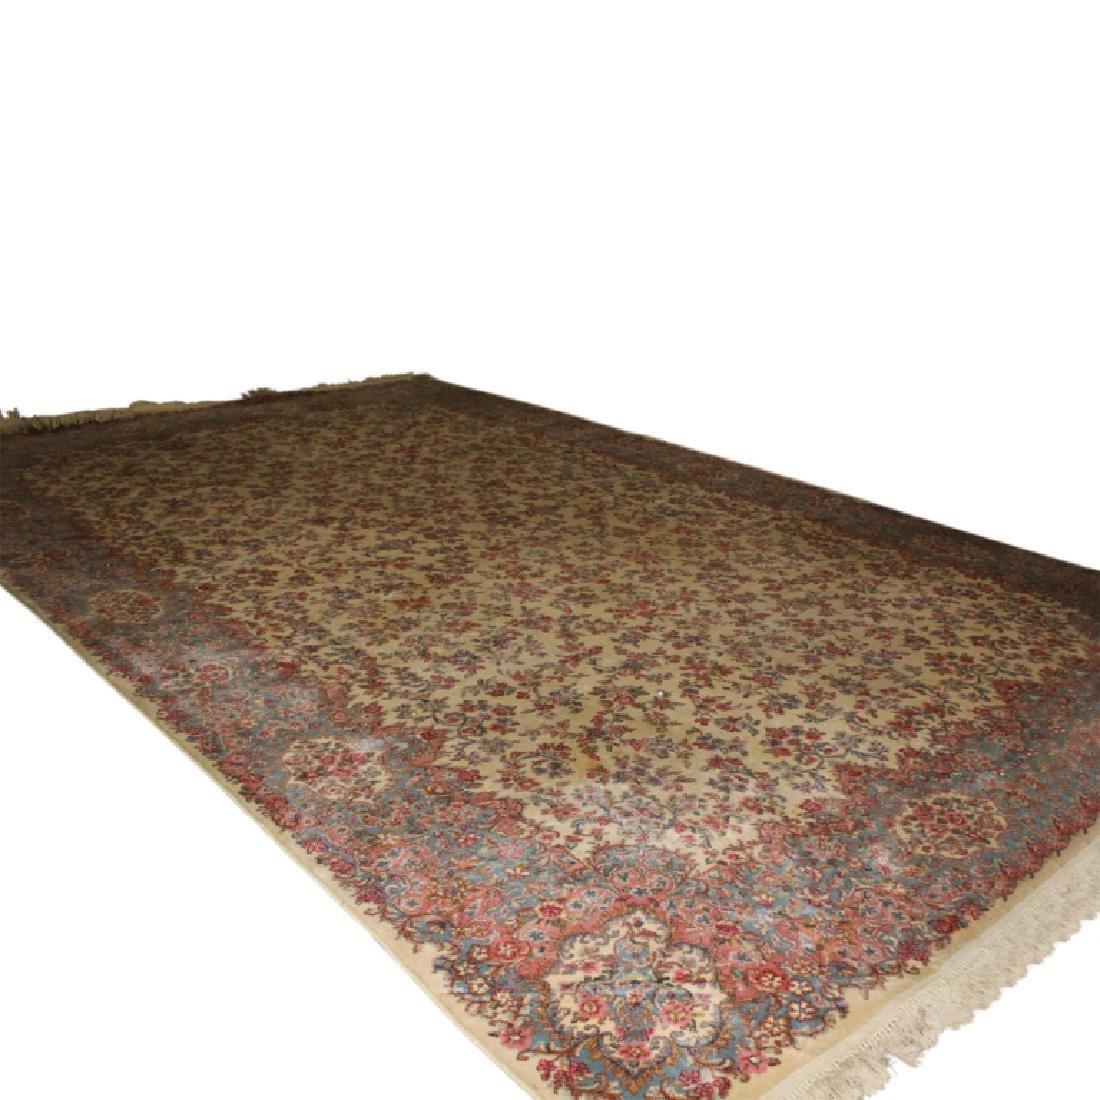 Karastan 10 x 13.5 Carpet